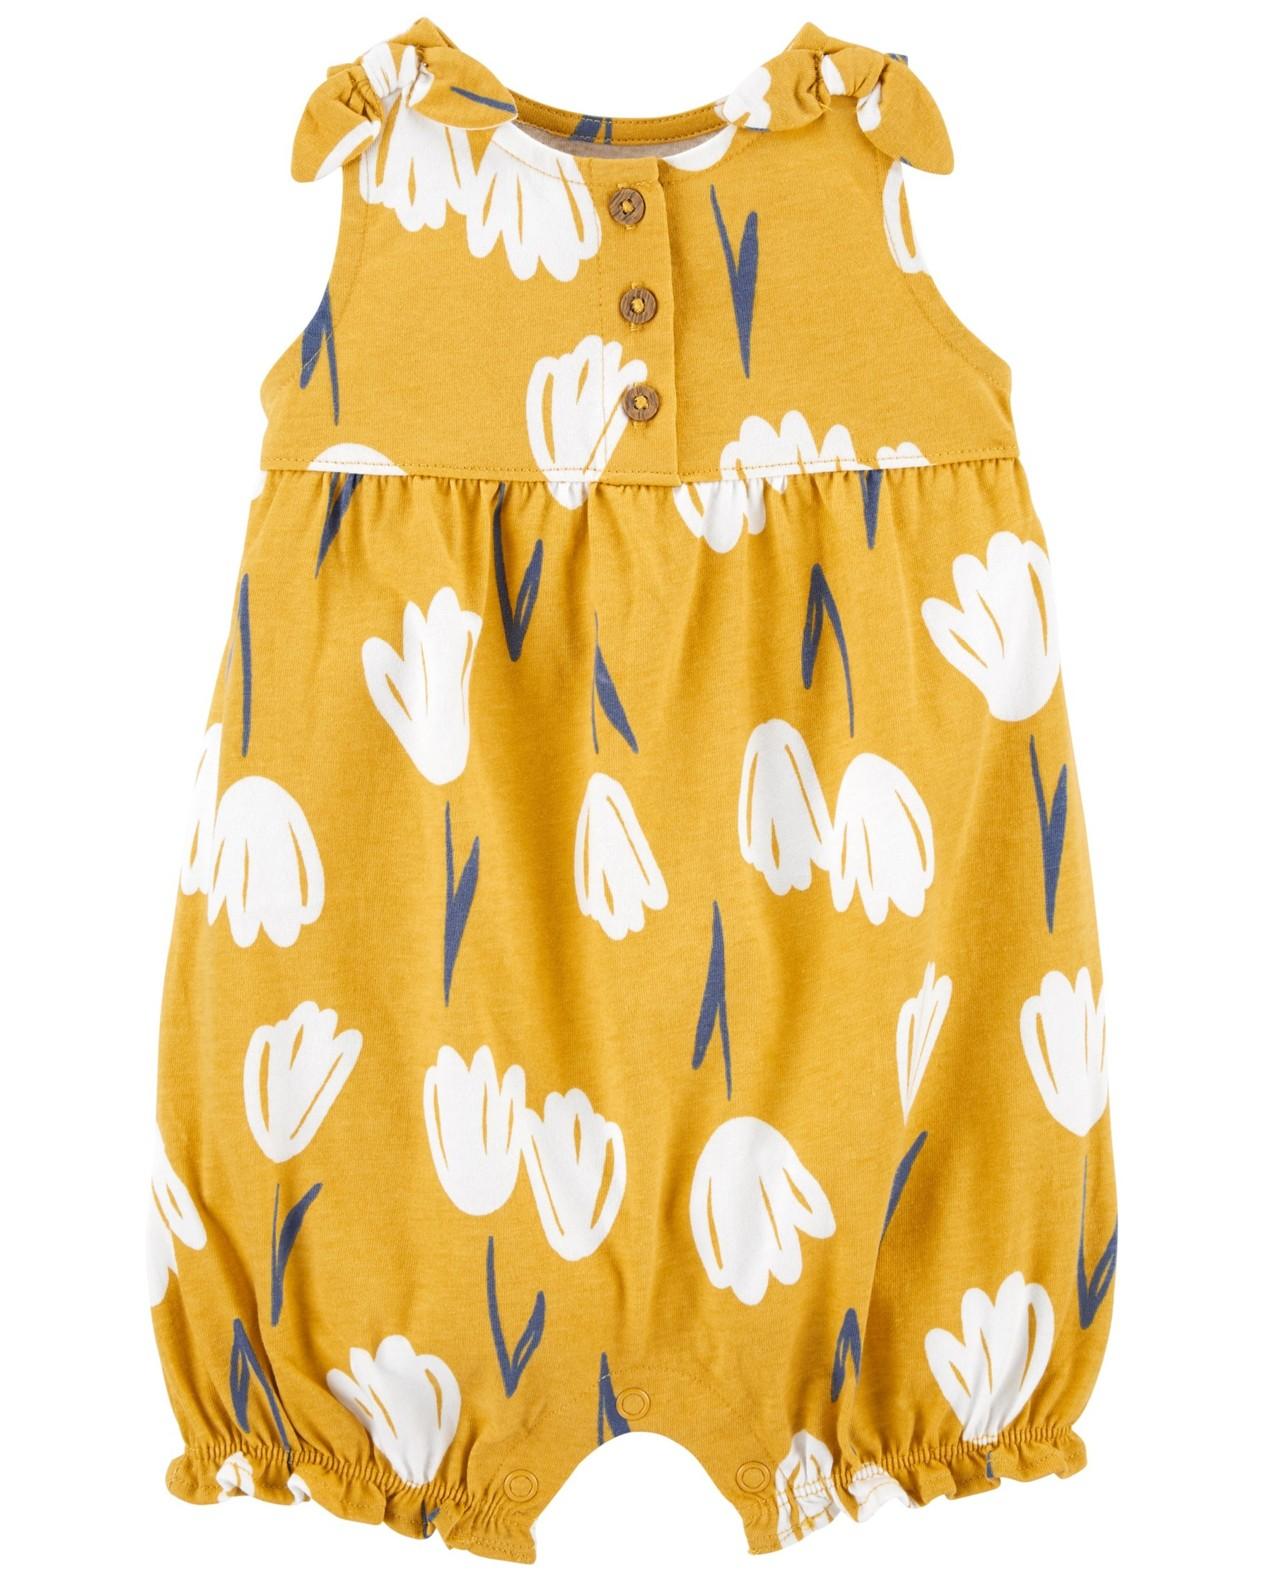 CARTER'S Overal bez rukávov Yellow Floral dievča 9 m, veľ. 74